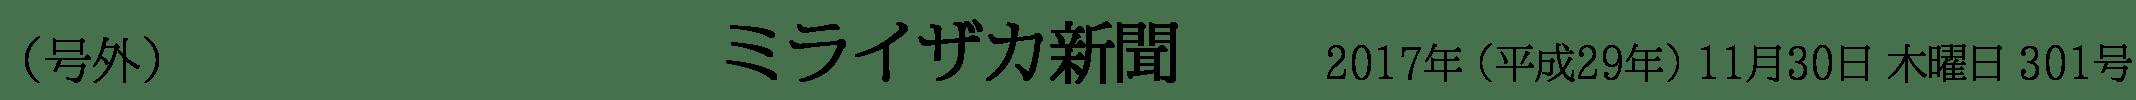 忘年会新年会(号外)ミライザカ新聞 2017年(平成29年)11月30日木曜日